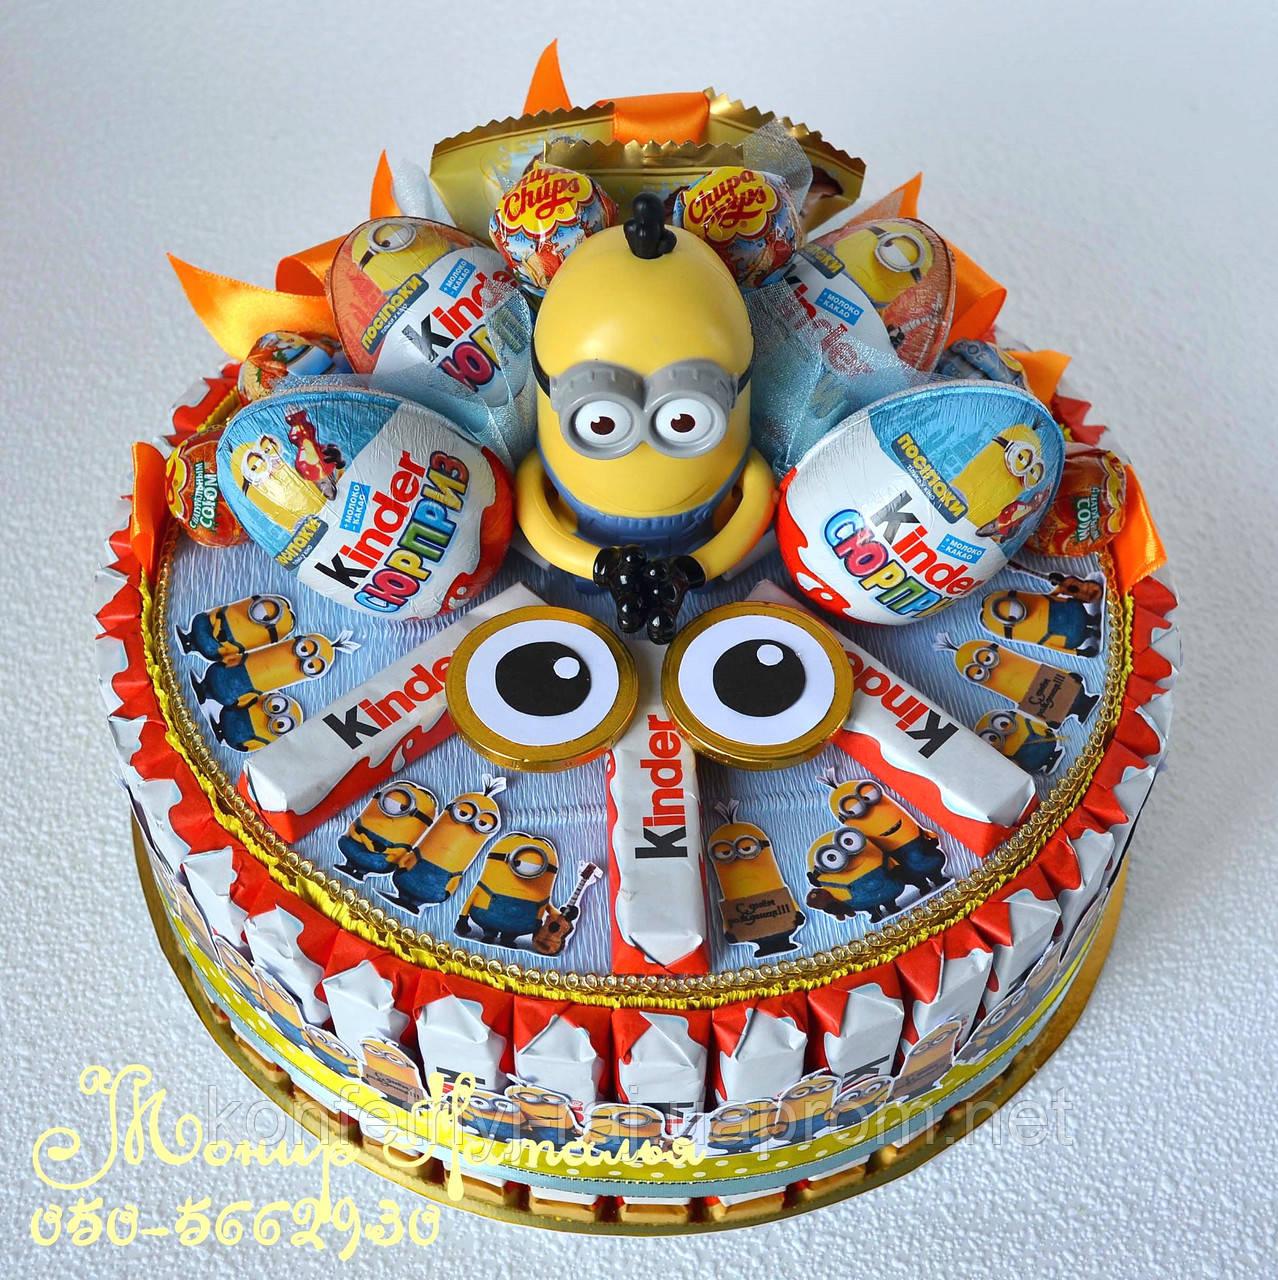 Торты миньоны на день рождения фото Миньономания